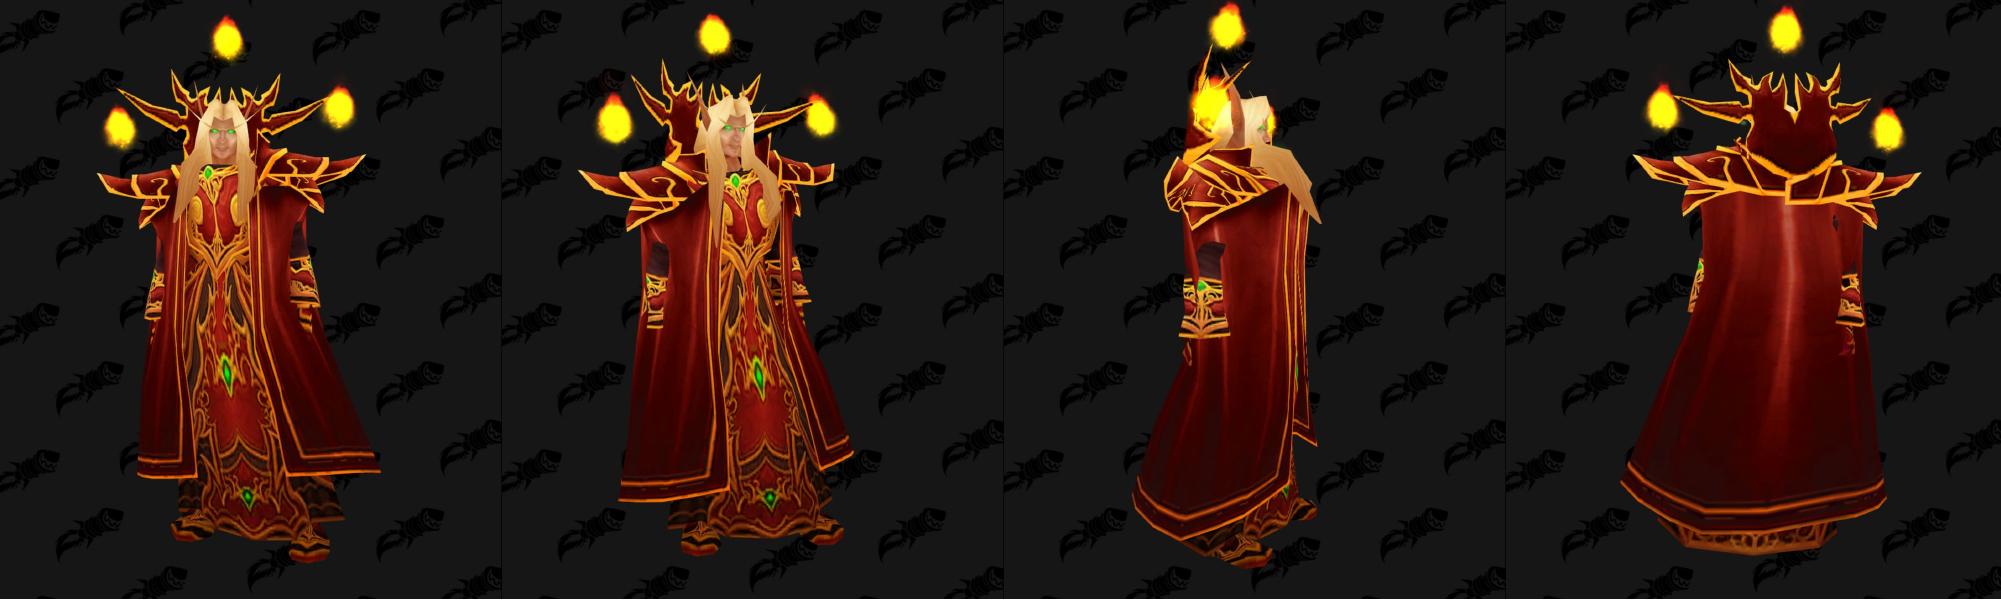 Modèle de Kael'thas Haut-Soleil avec des orbes de feu